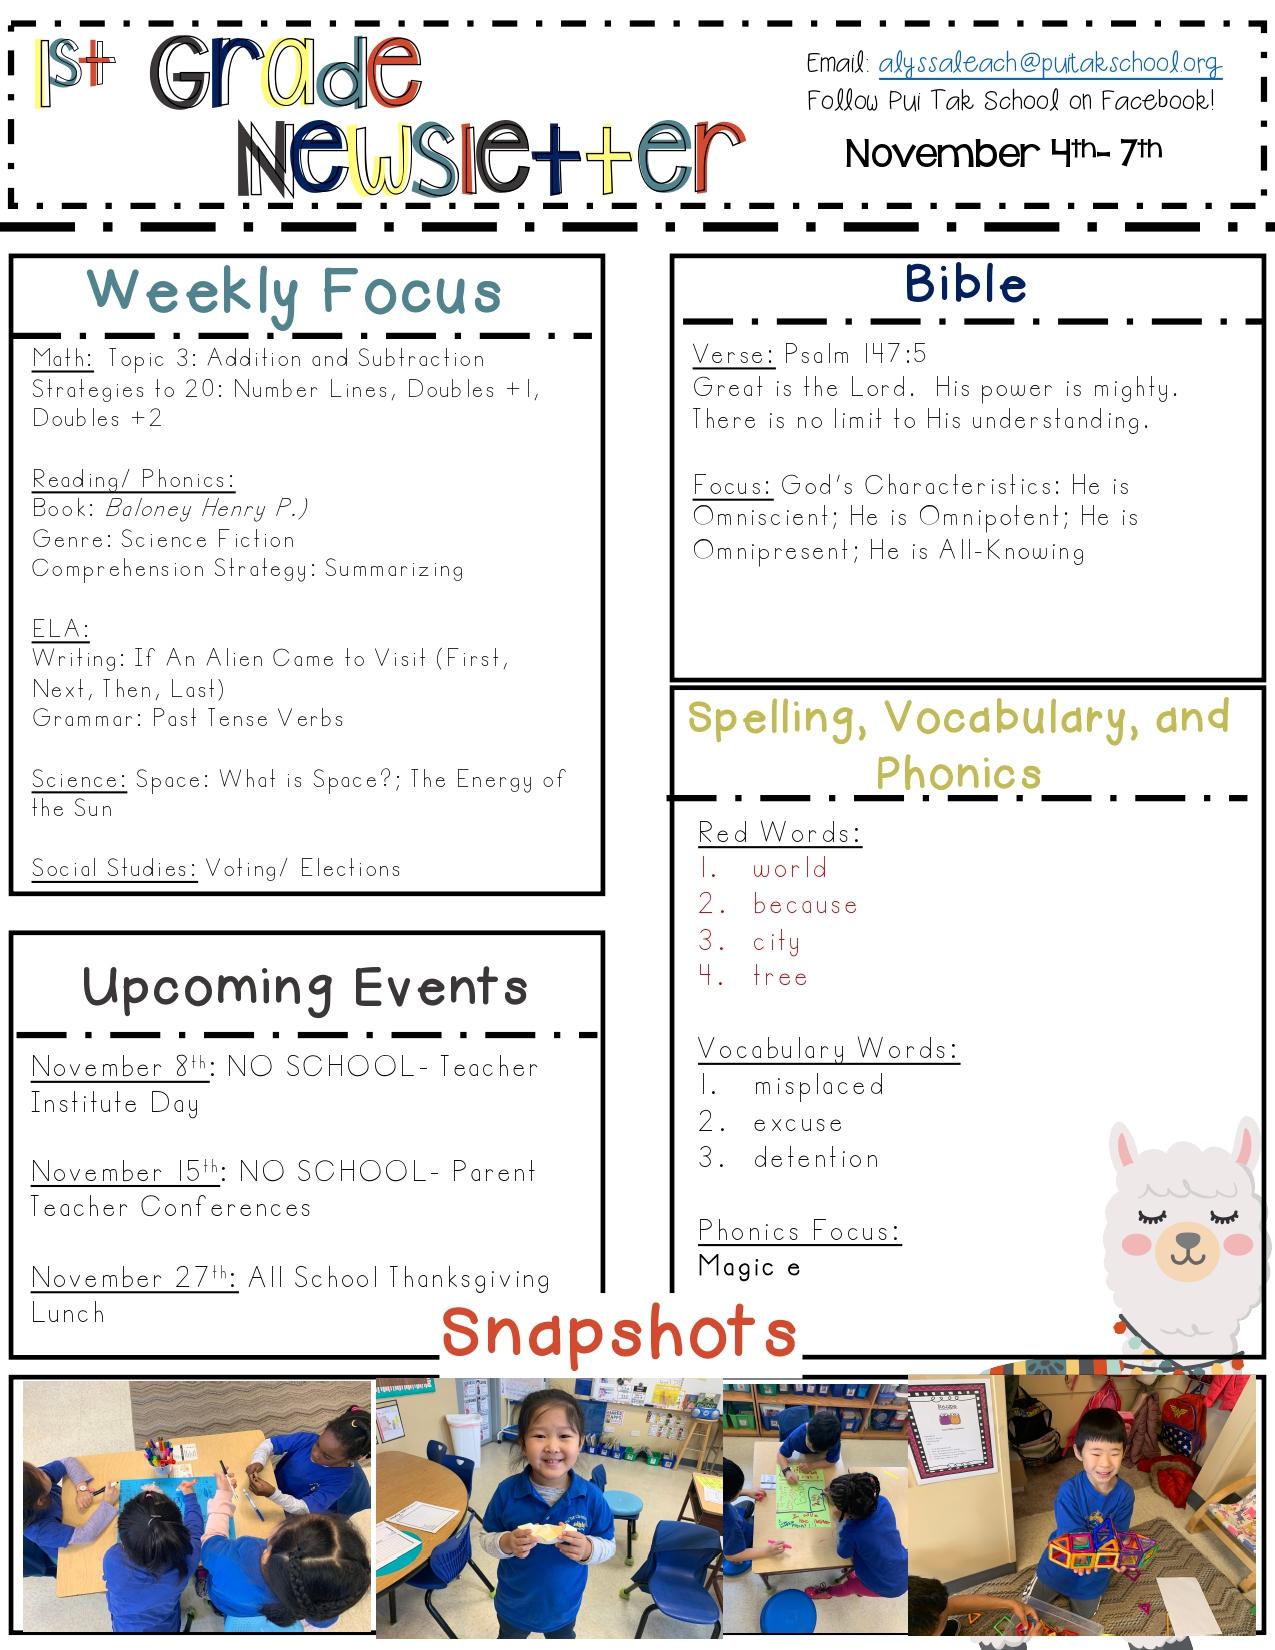 AlyssaNewsletterNovember20191stWeek_page